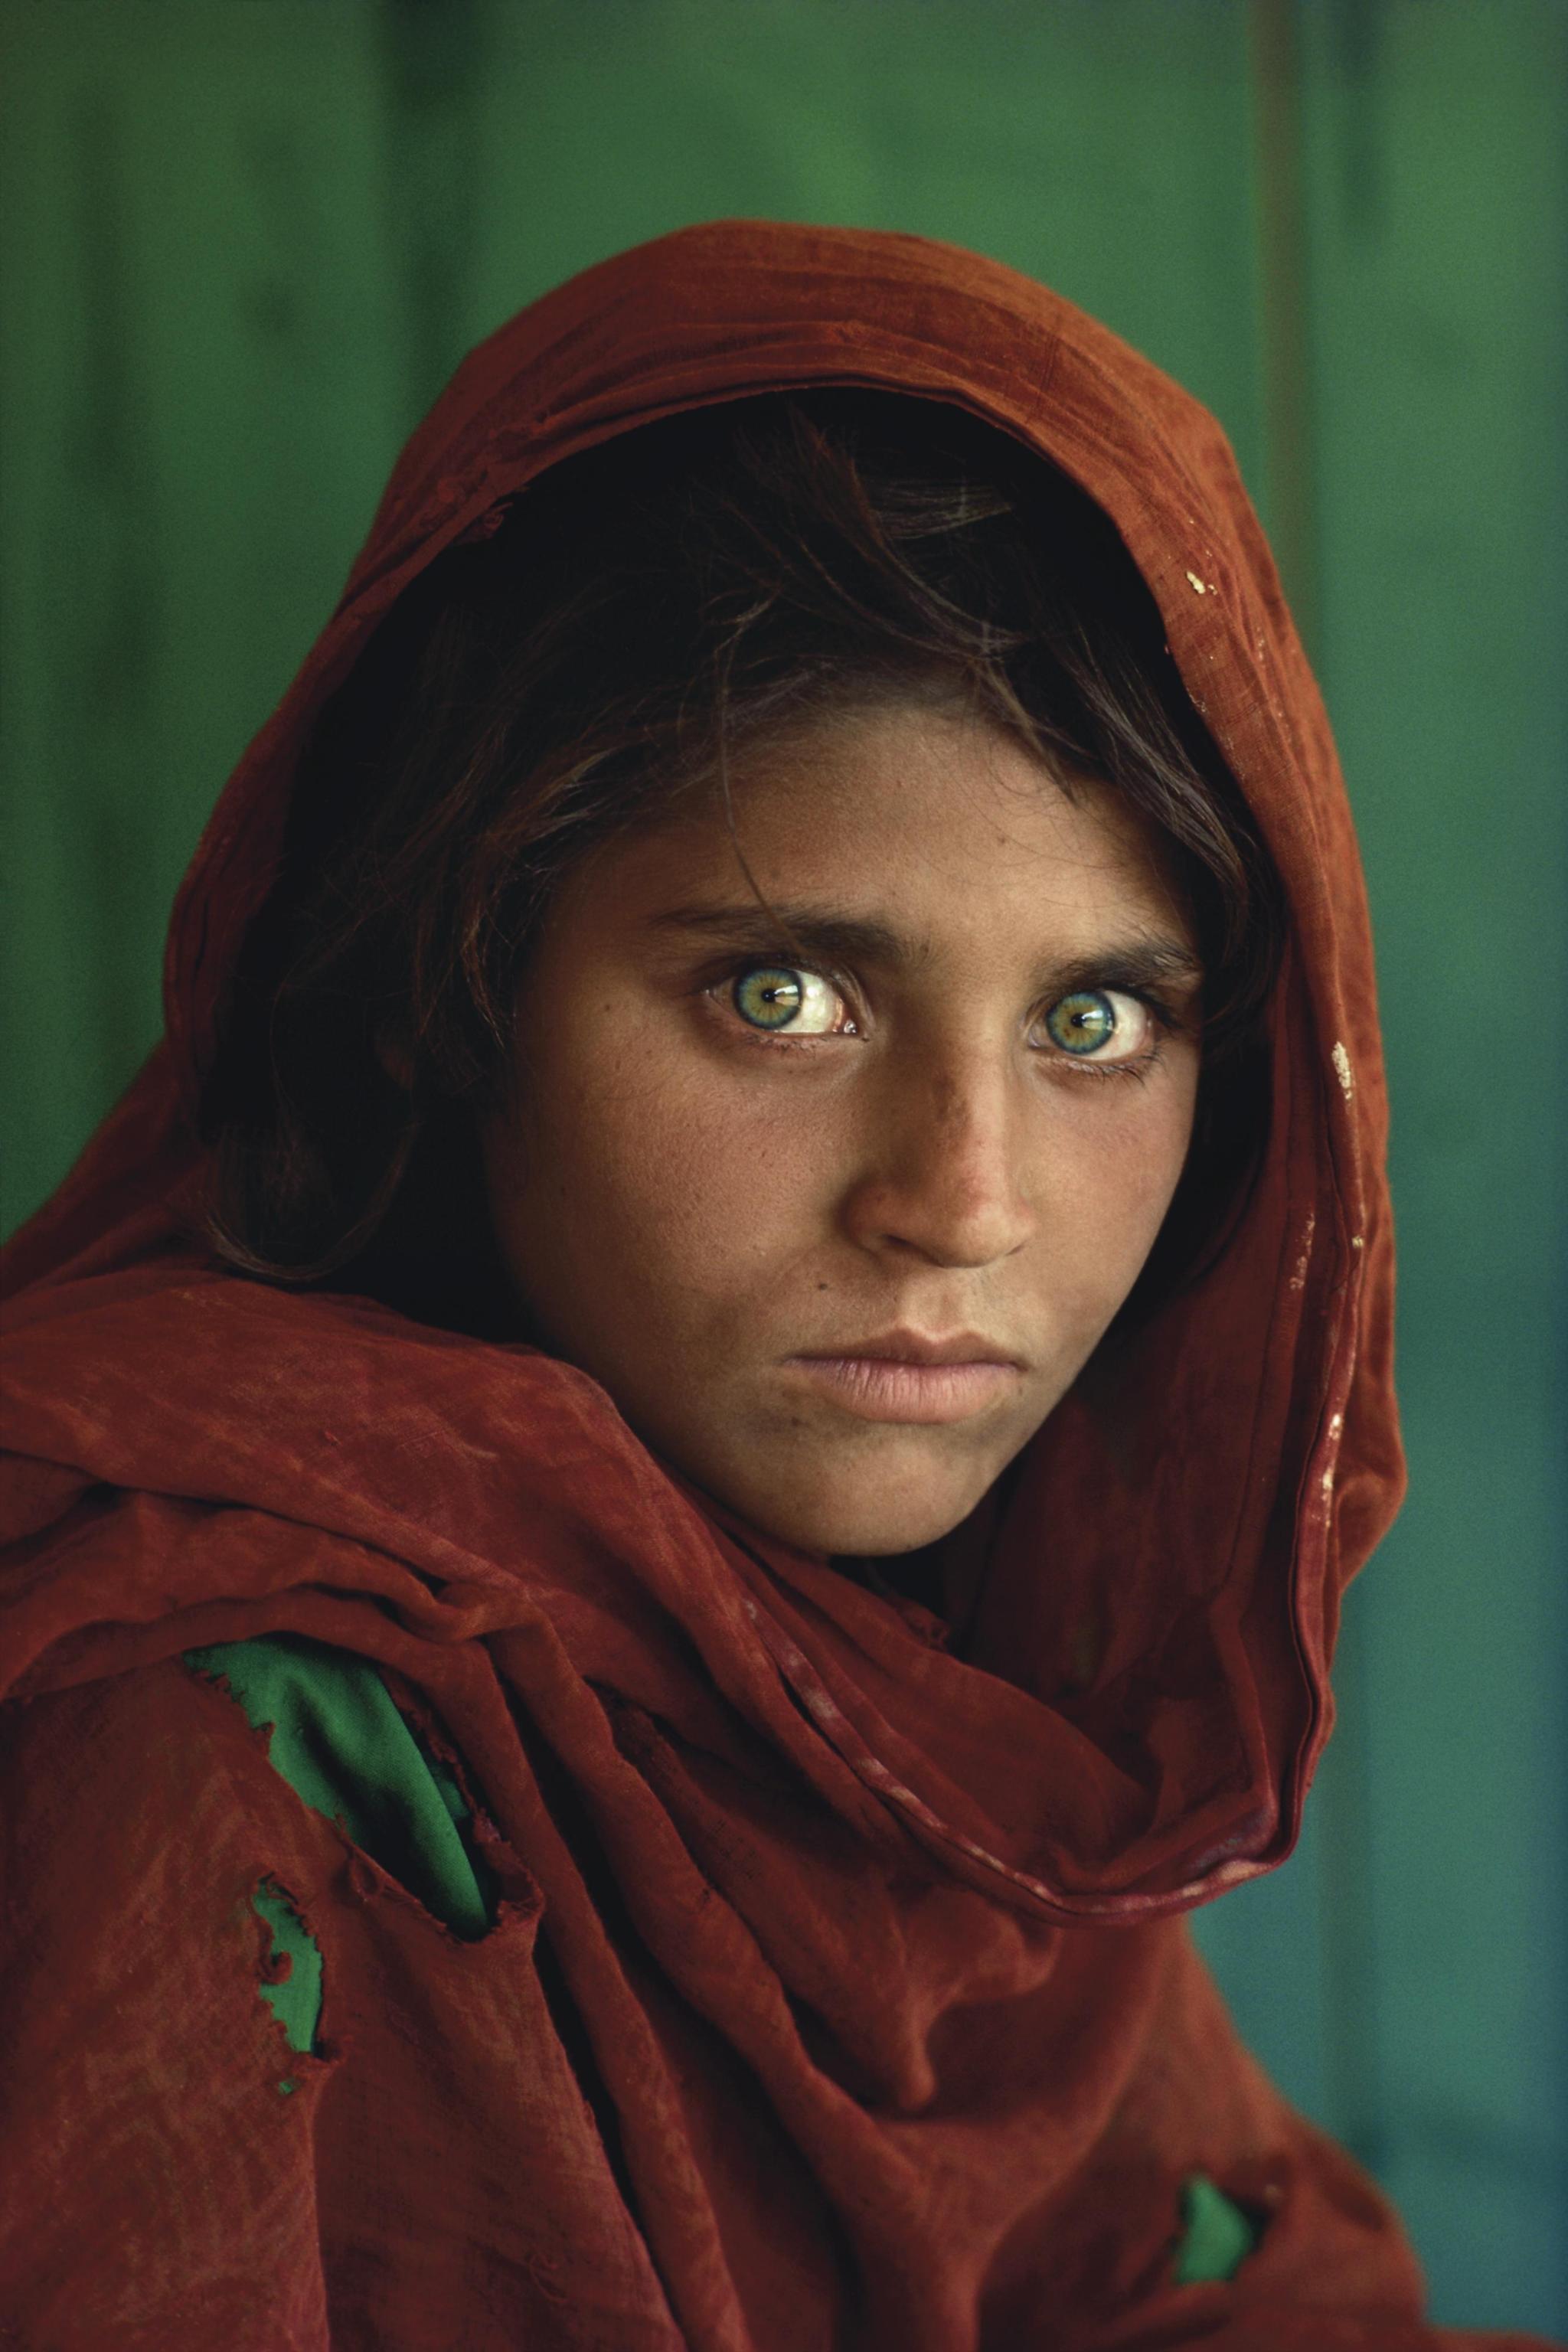 Ragazza Afghana foto di Steve McCurry